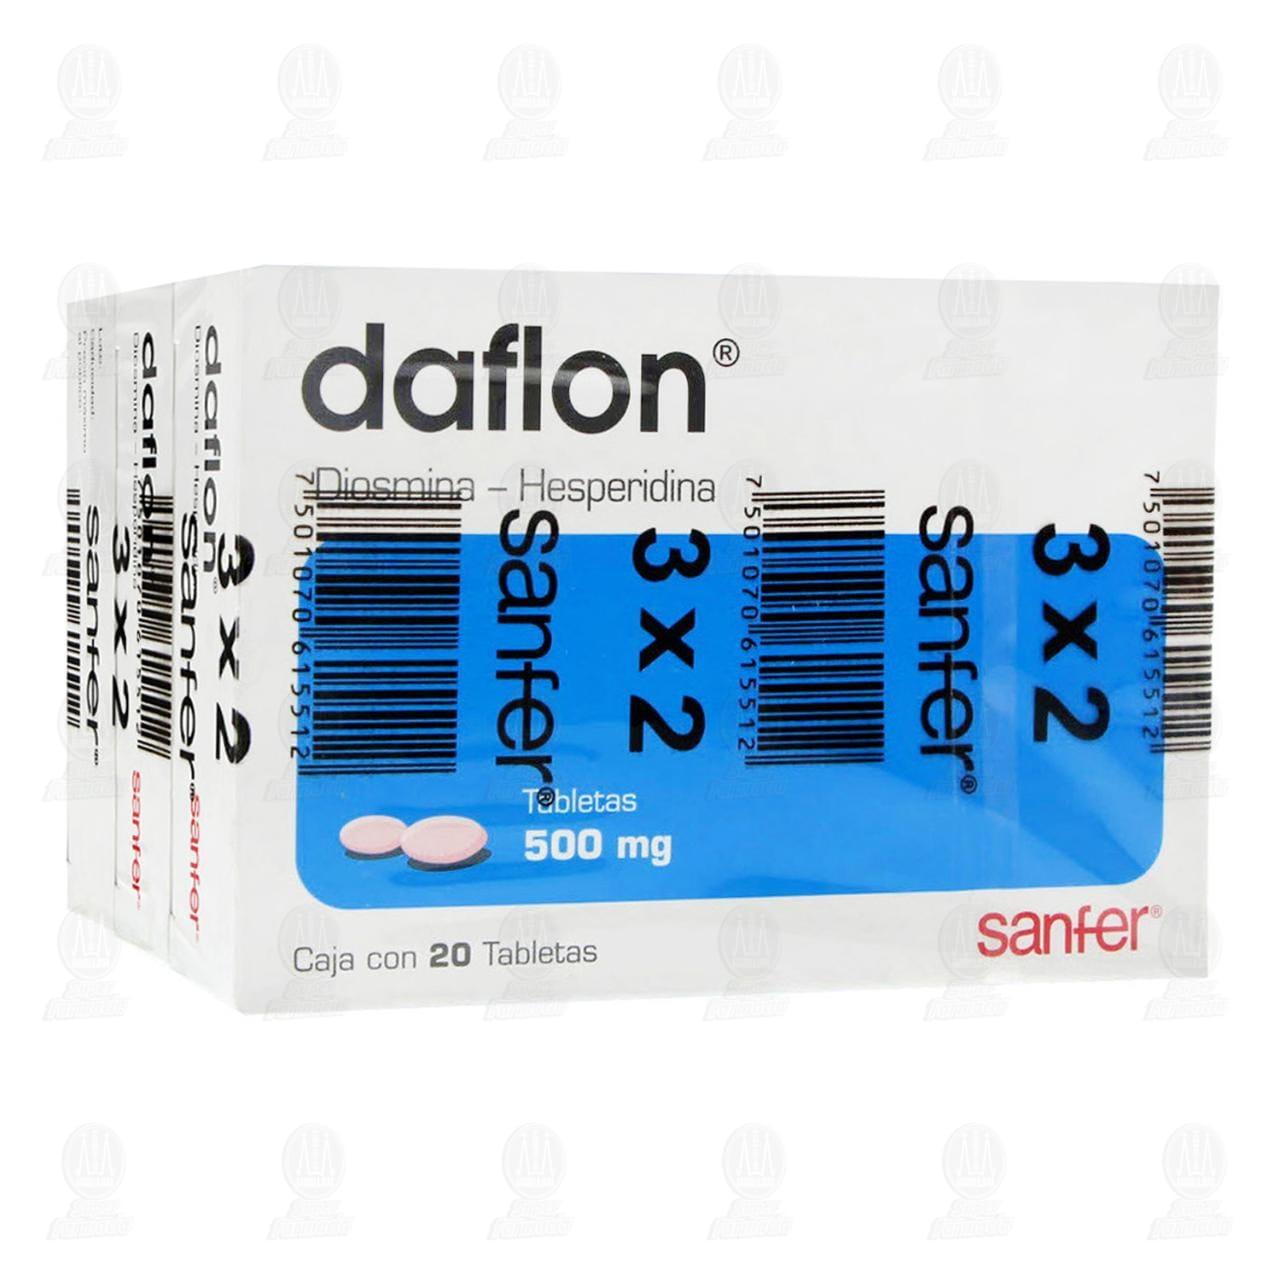 comprar https://www.movil.farmaciasguadalajara.com/wcsstore/FGCAS/wcs/products/1256653_A_1280_AL.jpg en farmacias guadalajara